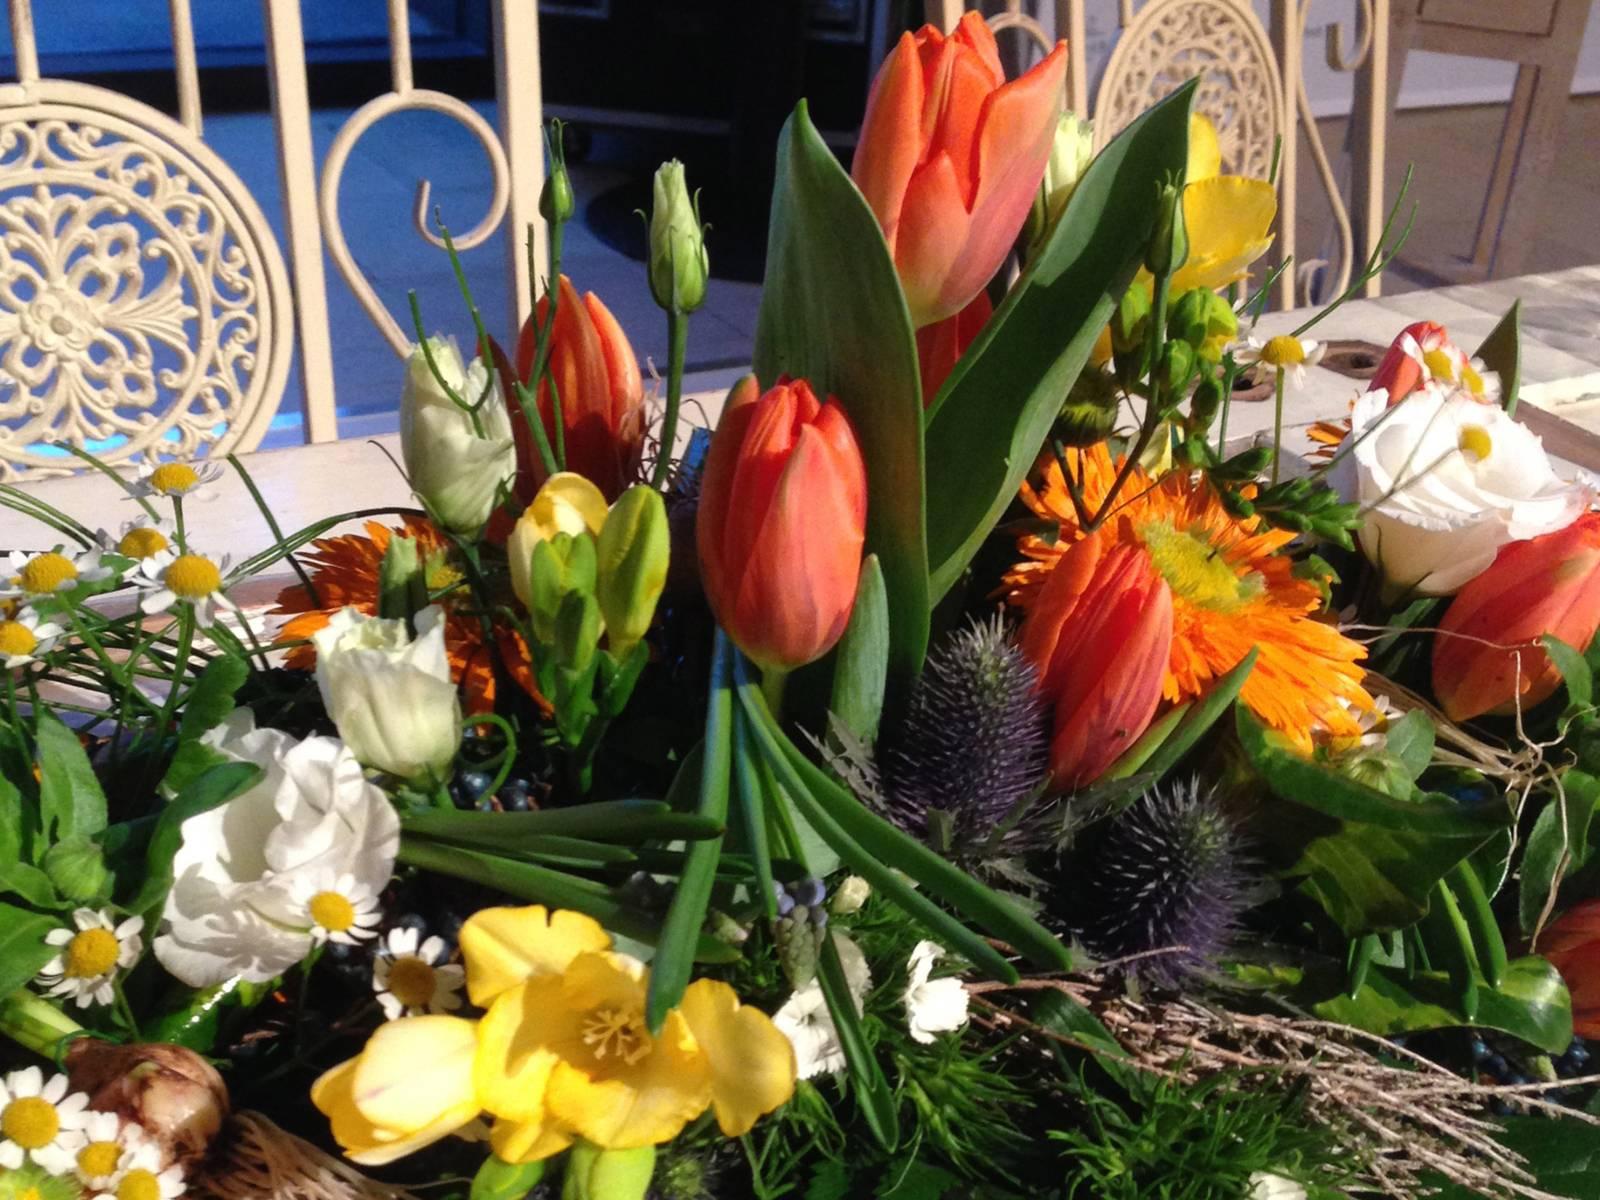 Üppiges Blumengesteck mit Tulpen, Fresien, Rosen und Schmuckpflanzen